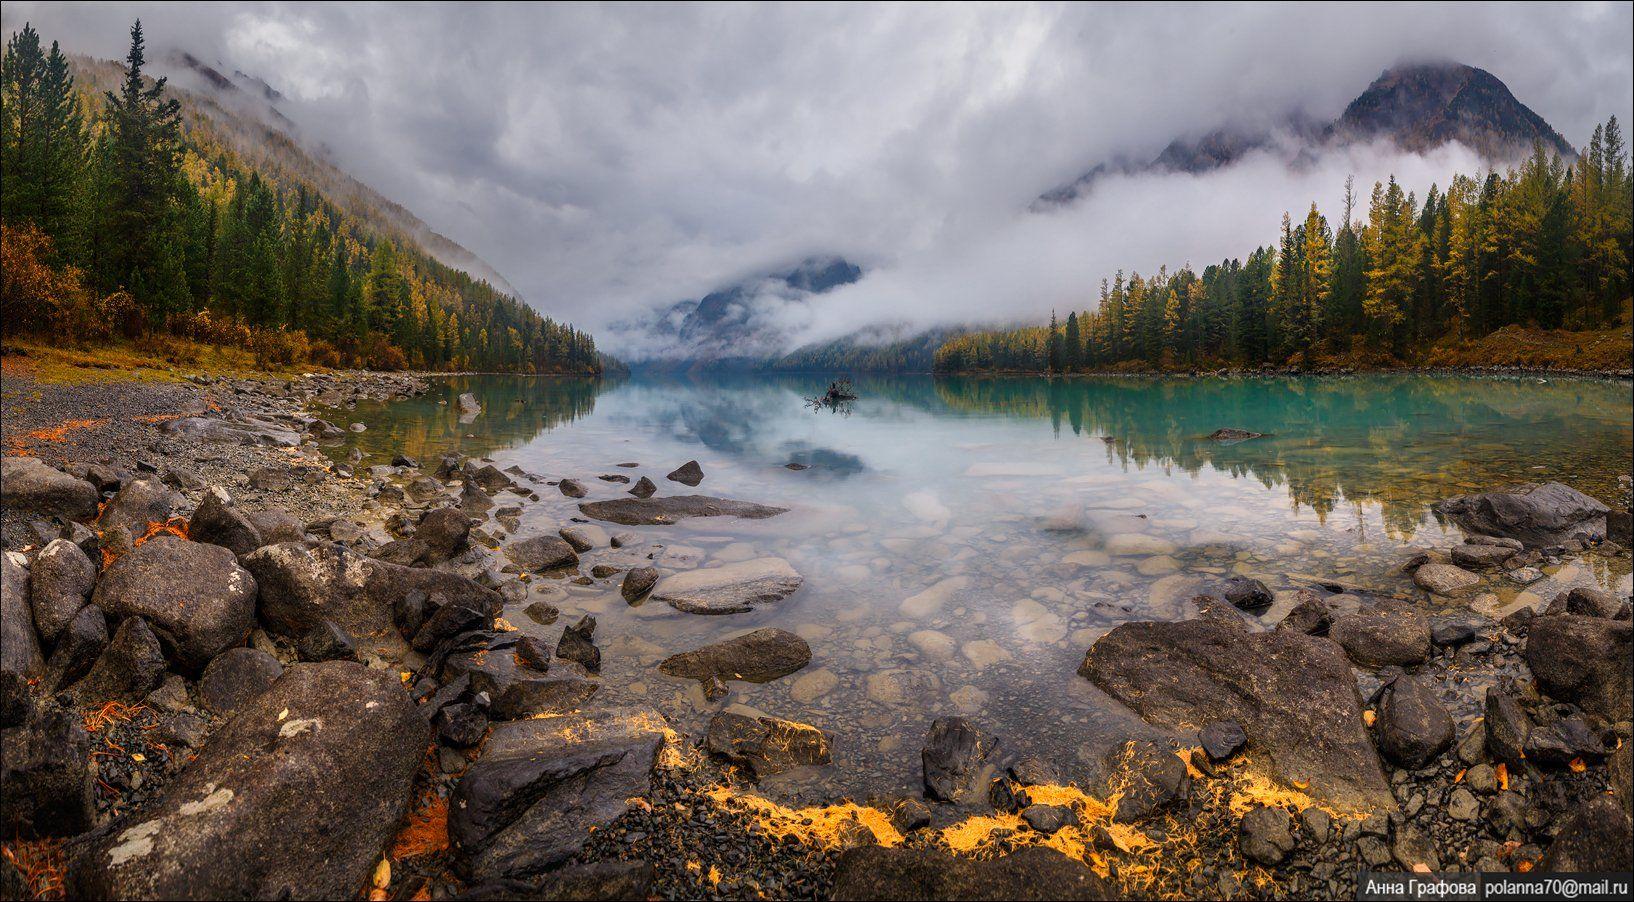 алтай, аня графова, горный алтай, горы, катунский хребет, кучерлинское озеро, осень, Аня Графова